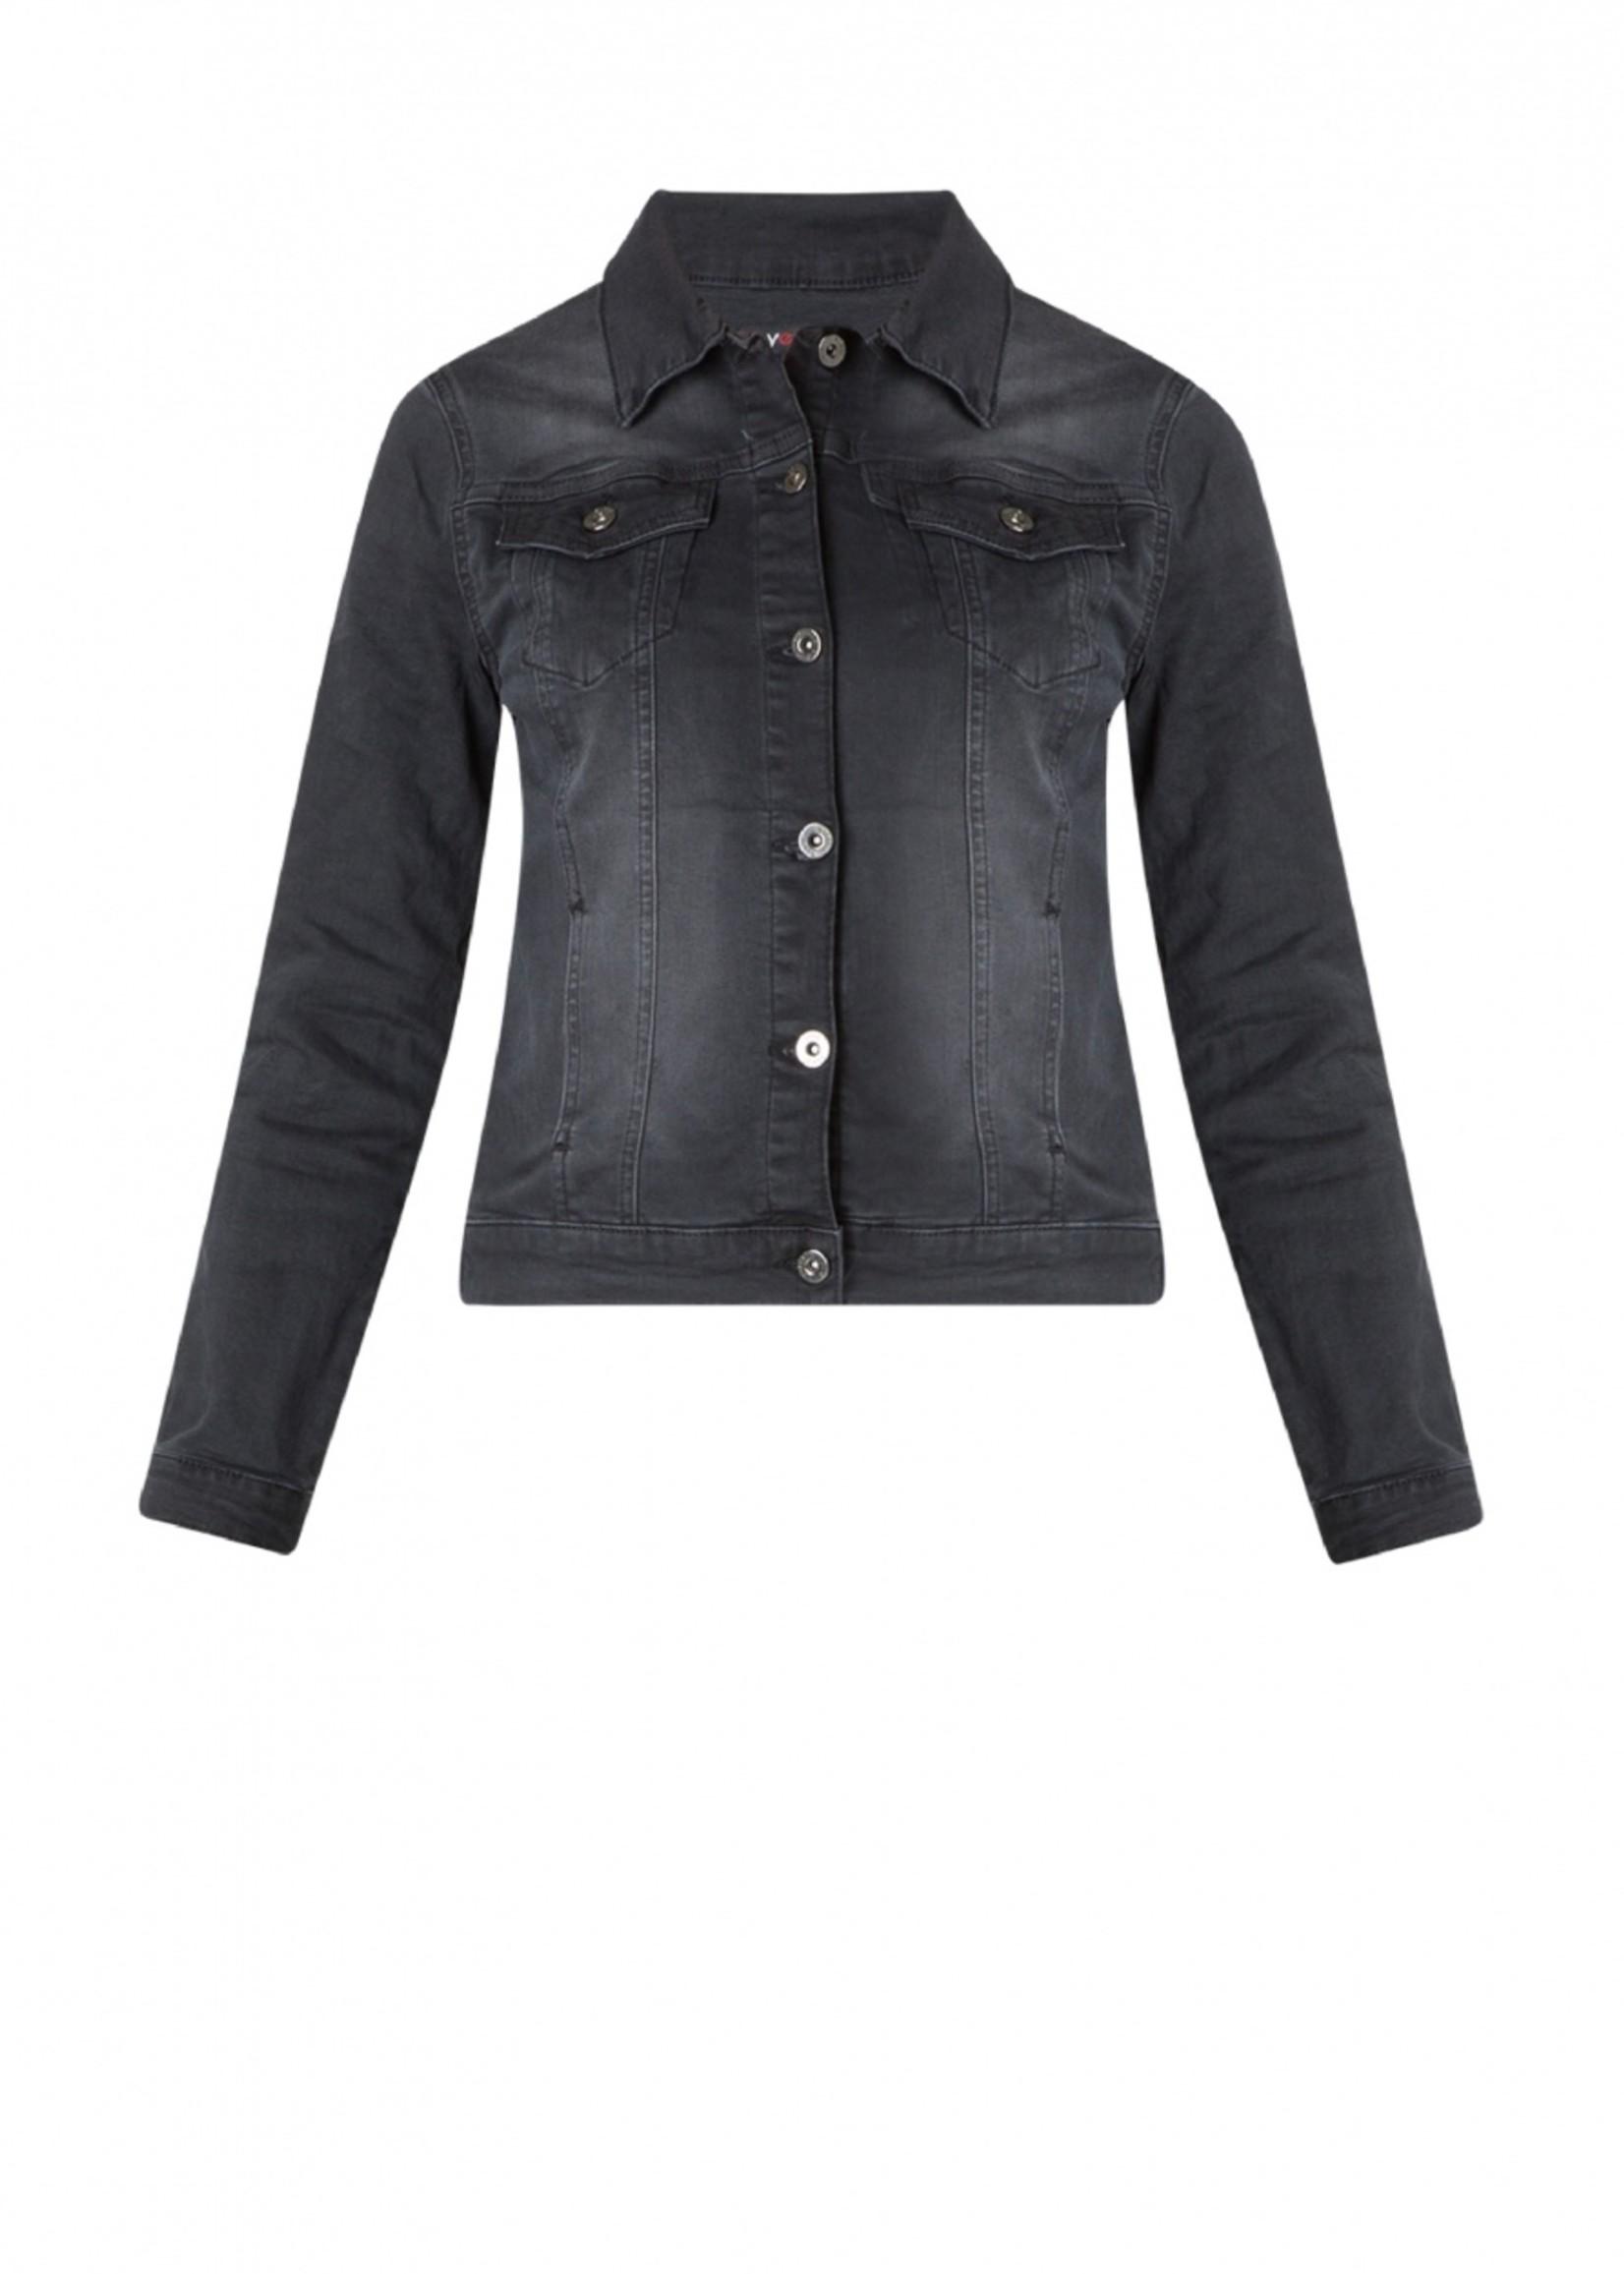 Yesta Yesta Madia Black Denim Jacket